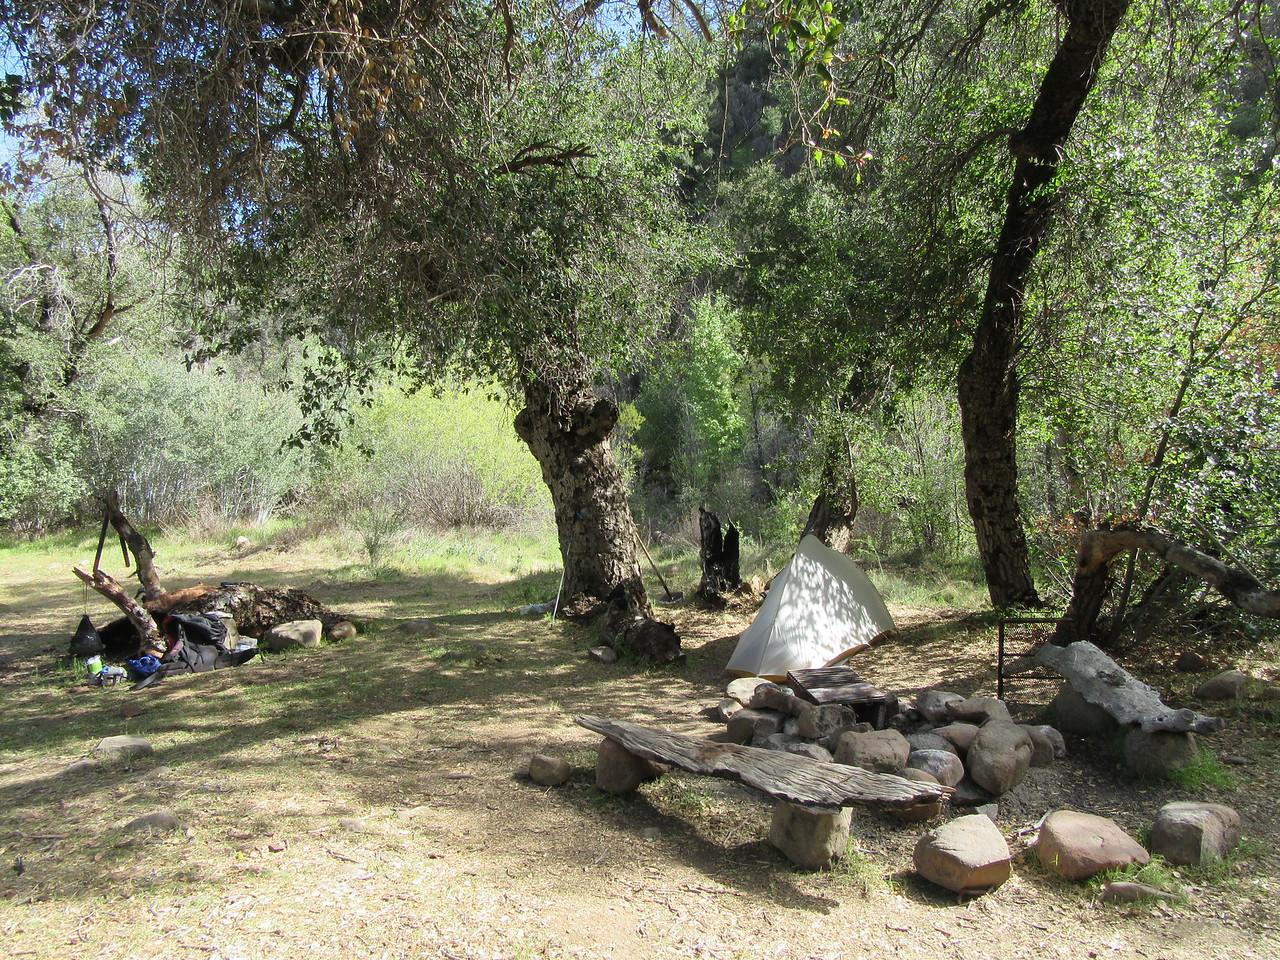 Soon I arrived at Heath Camp (3422') where ...